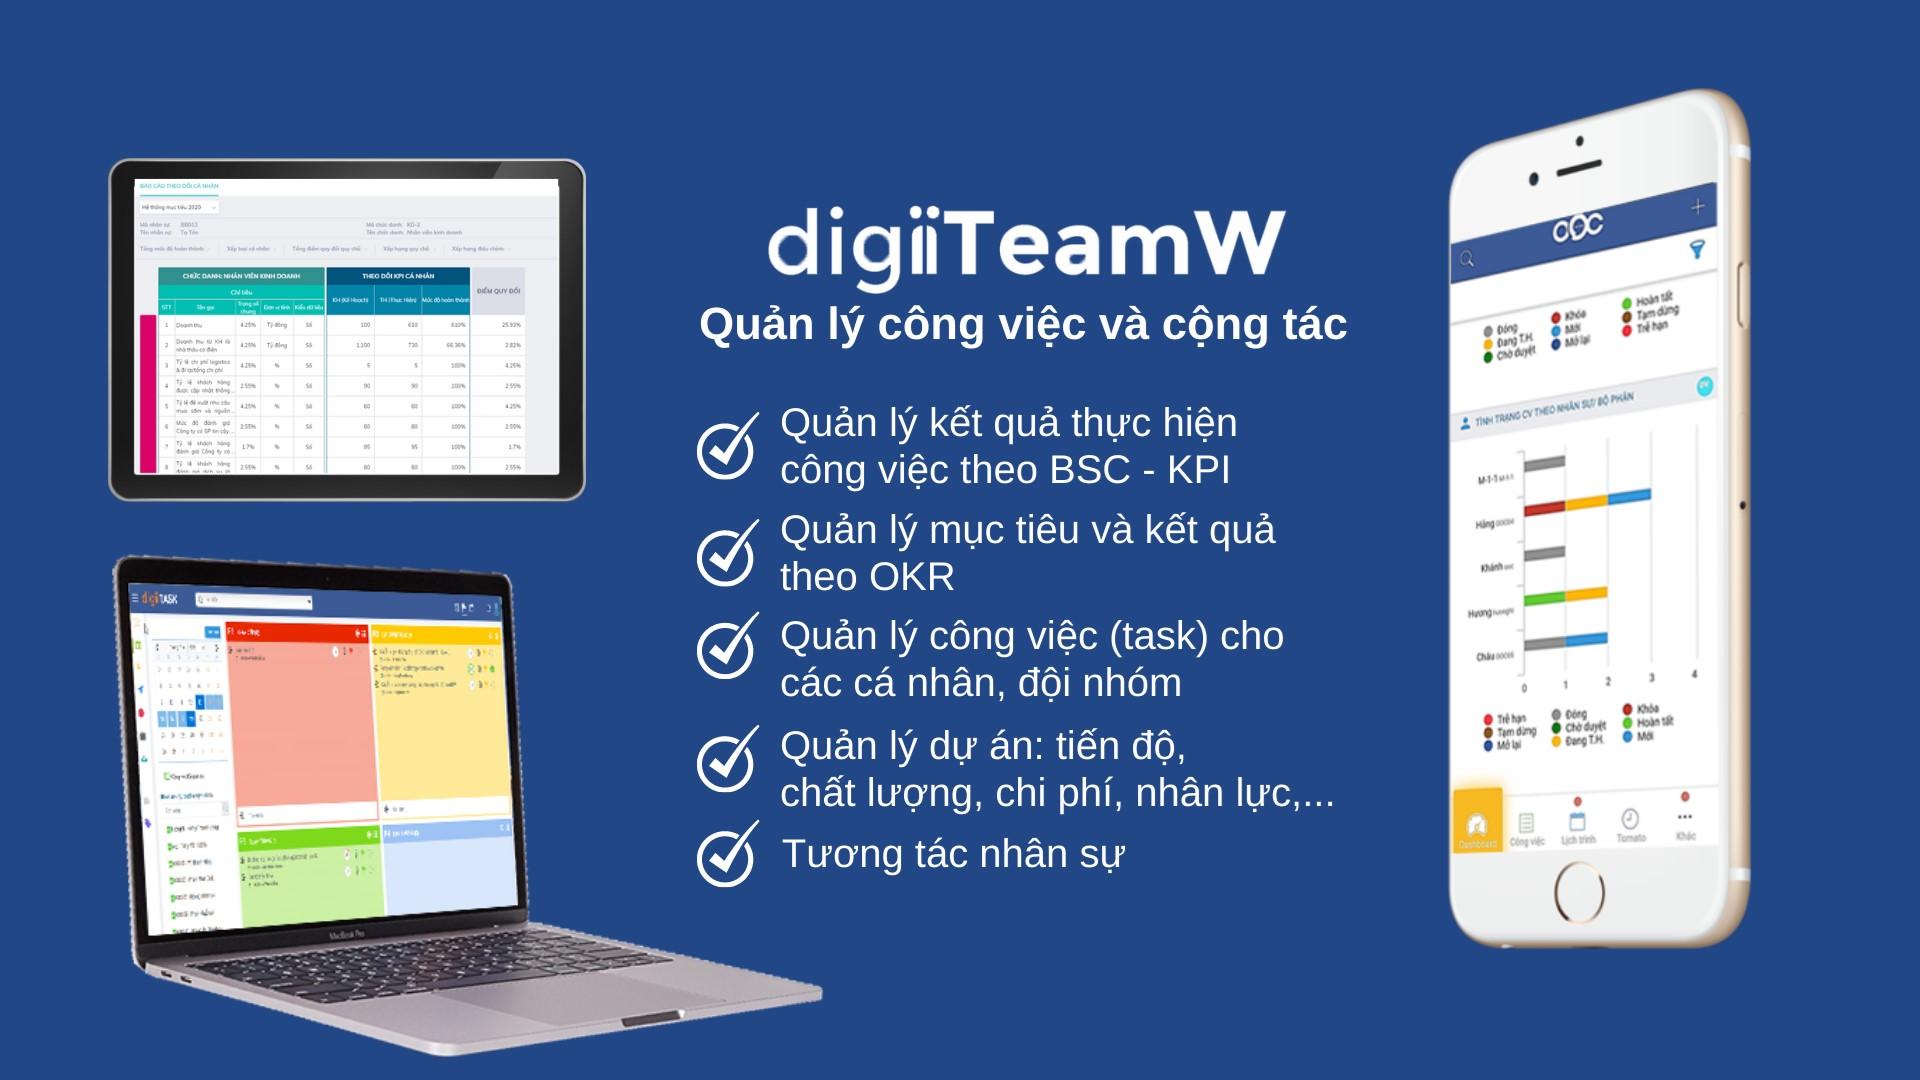 Phần mềm Quản lý Công việc và Cộng tác digiiTeamW